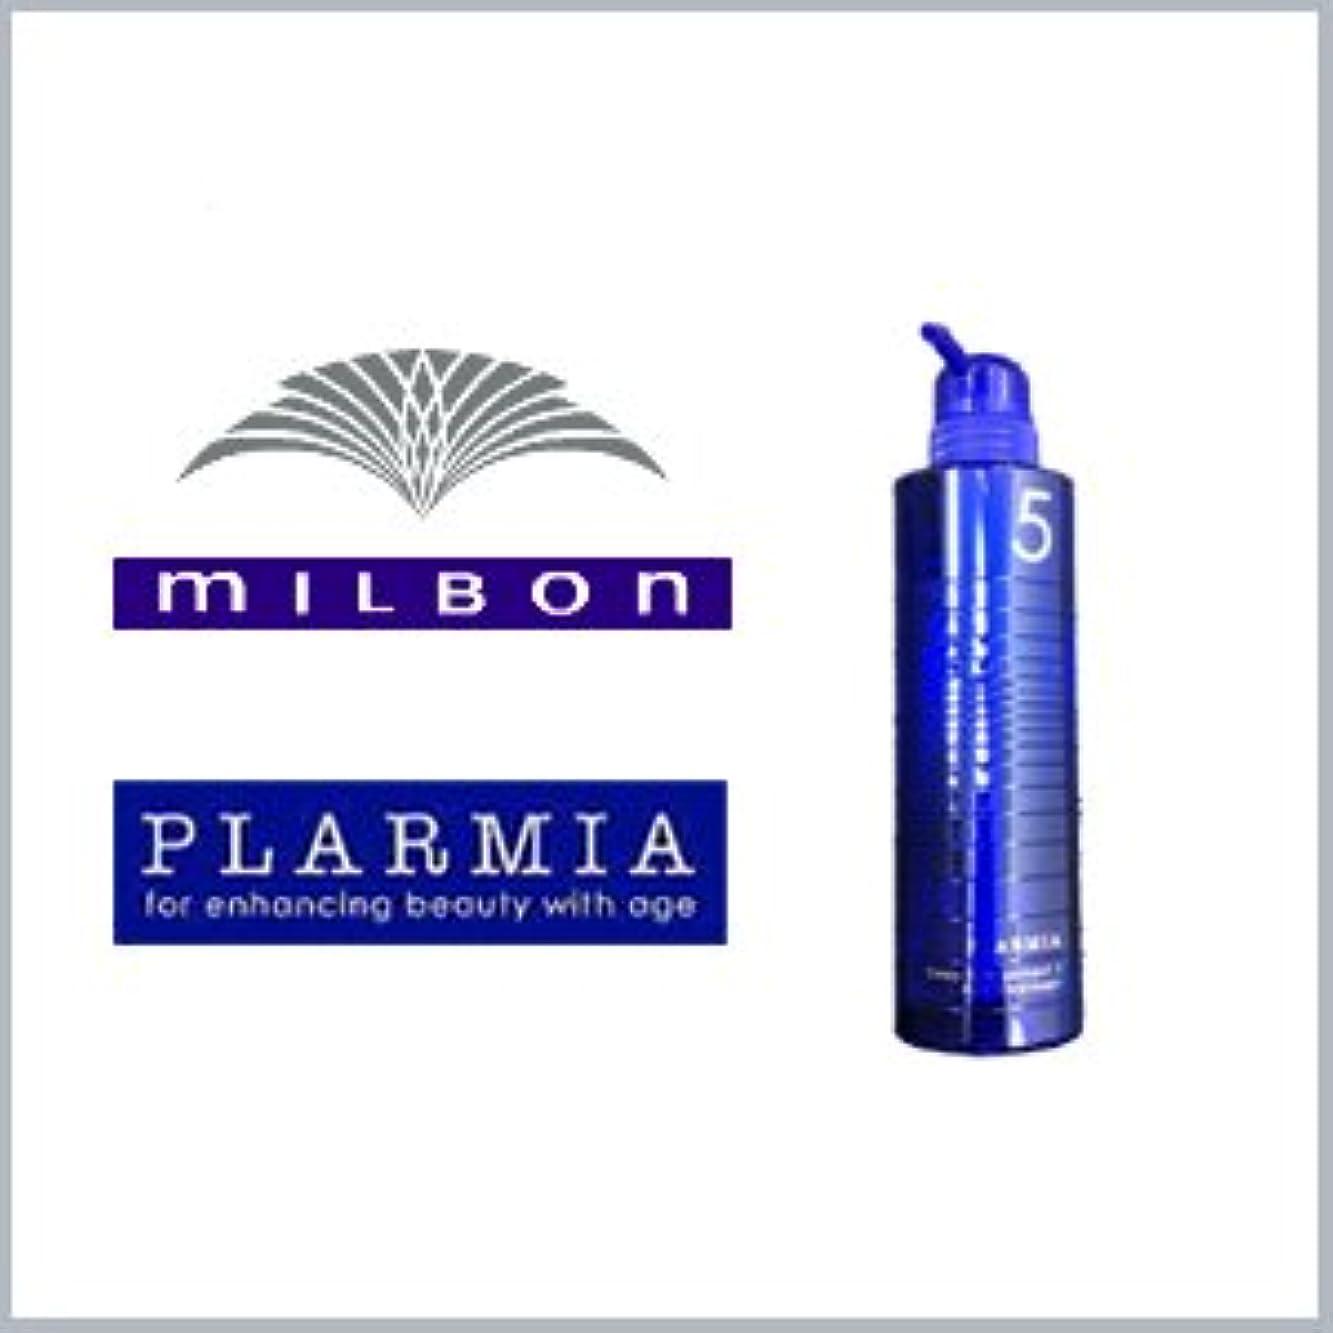 委任かもめ調べるミルボン プラーミア ディープエナジメント5 空容器 500g